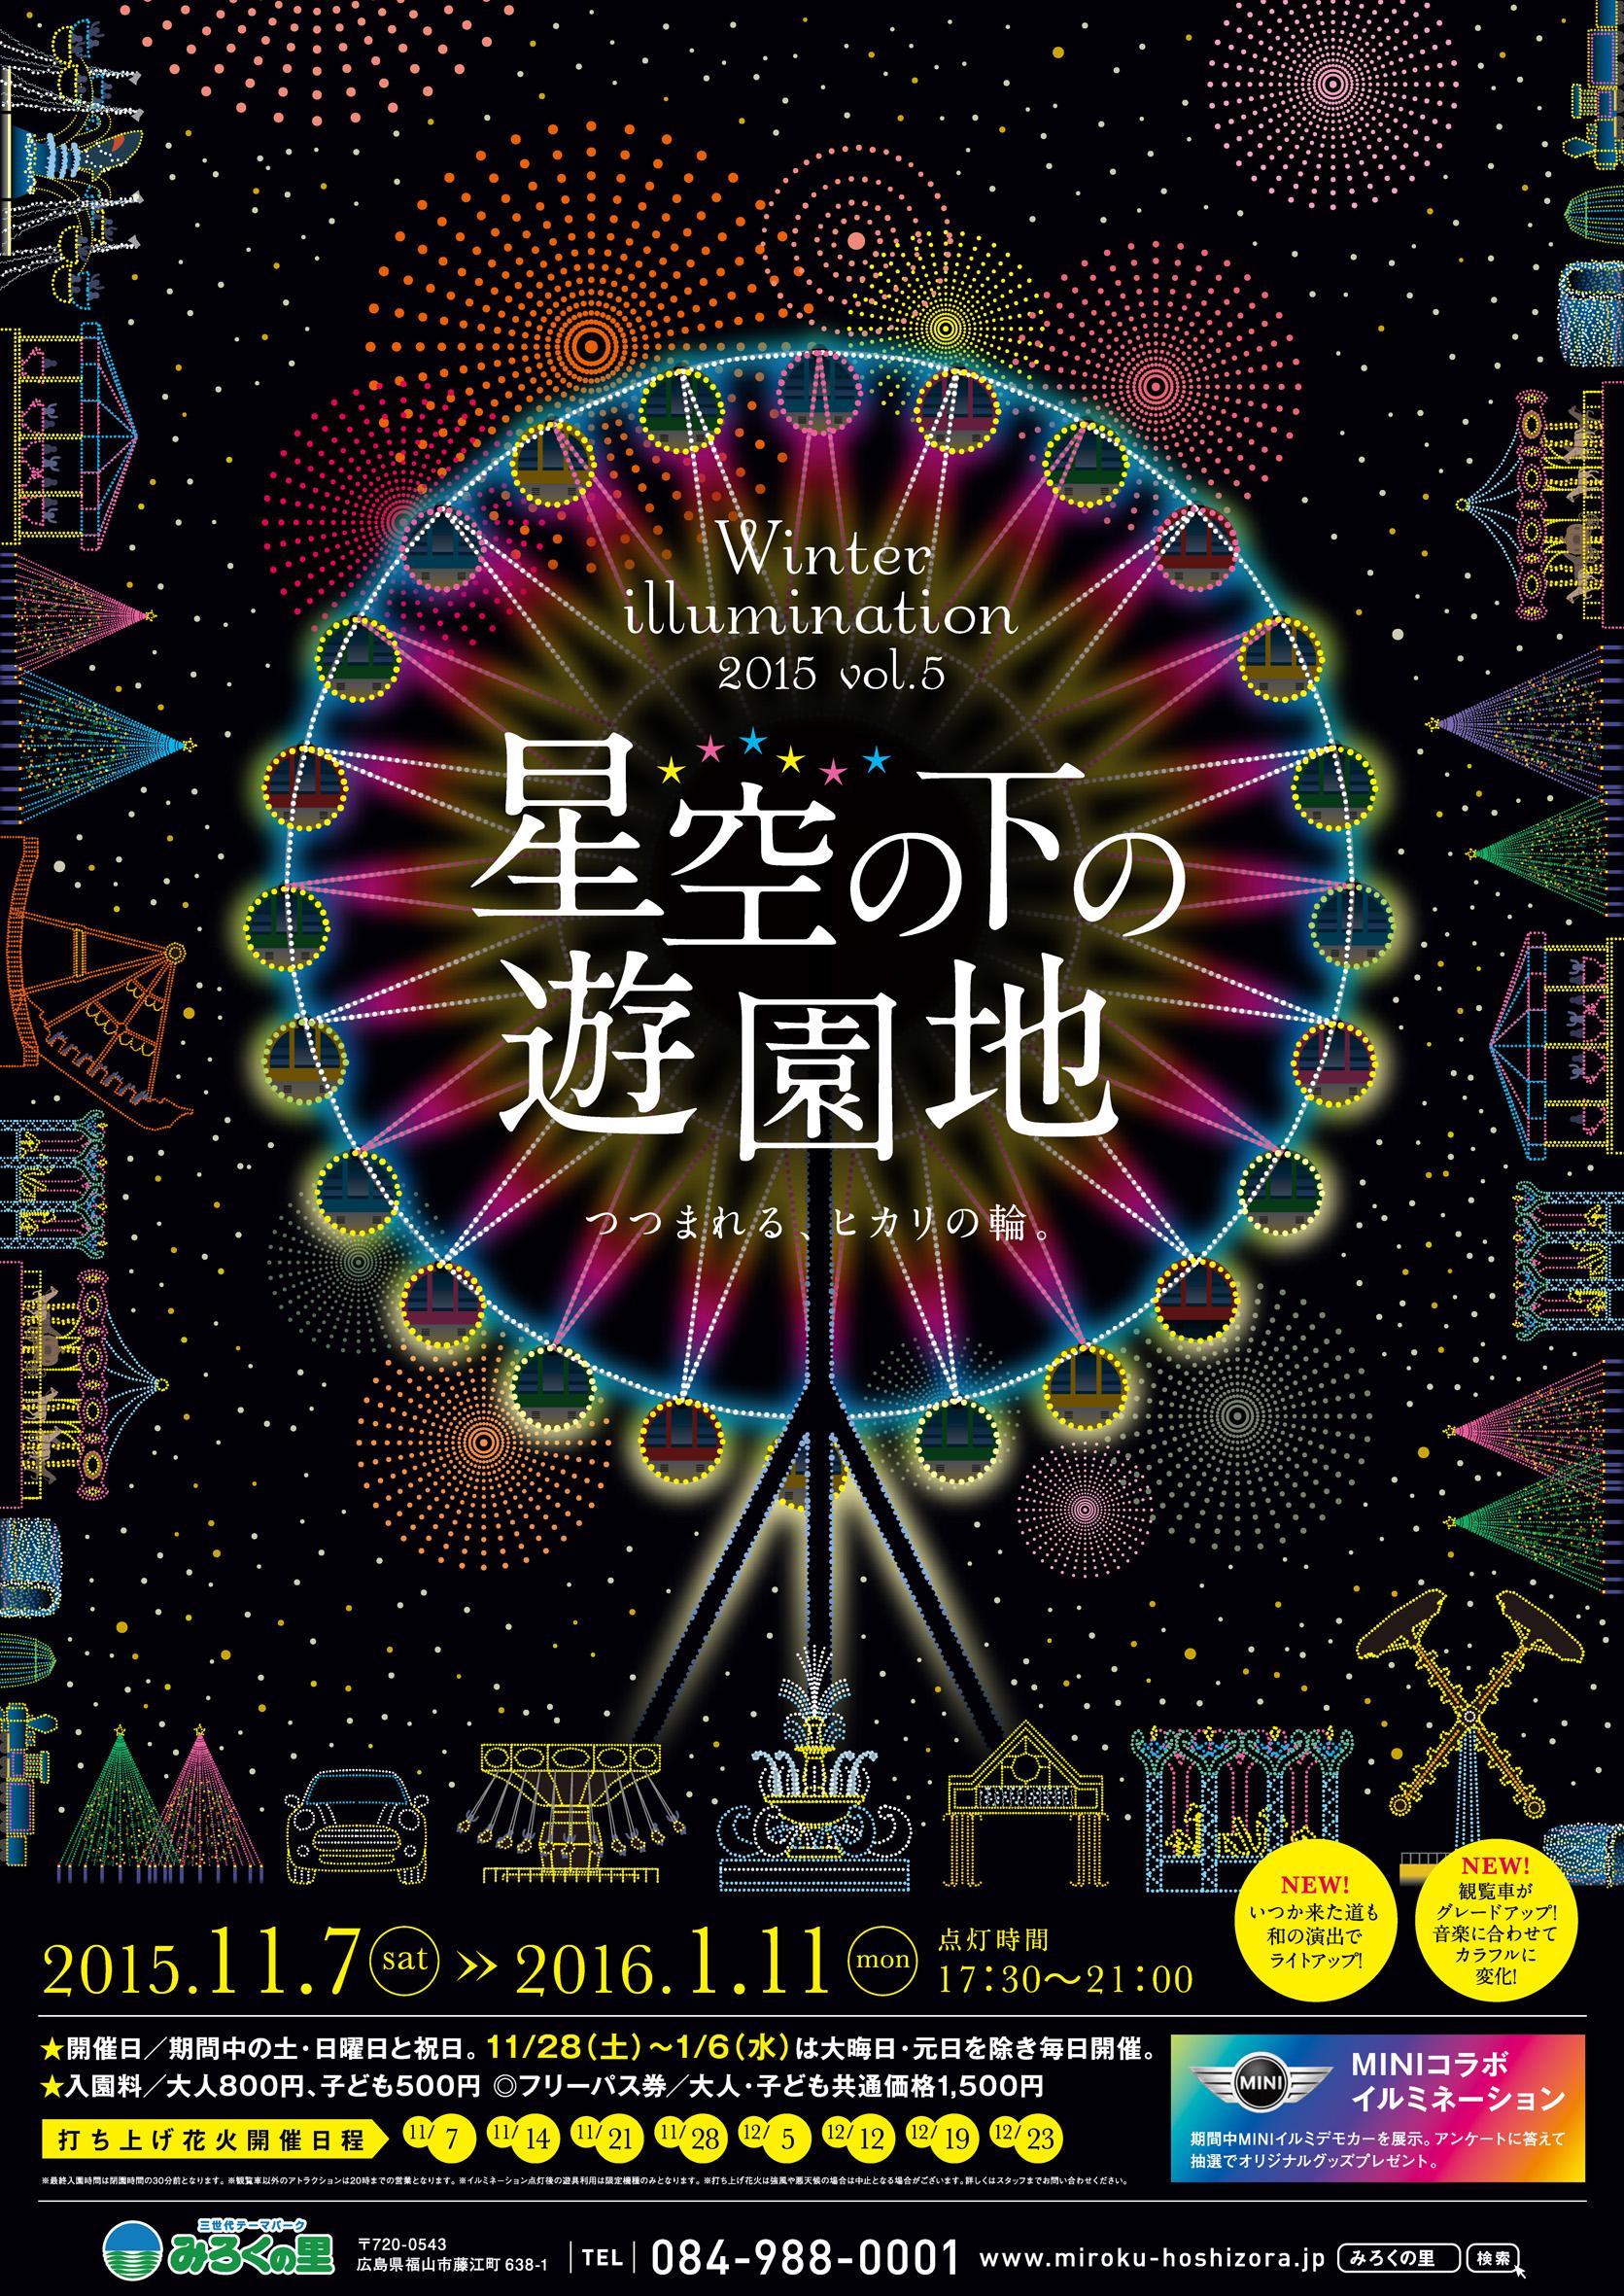 遊園地のイルミネーション「星空の下の遊園地vol.5」